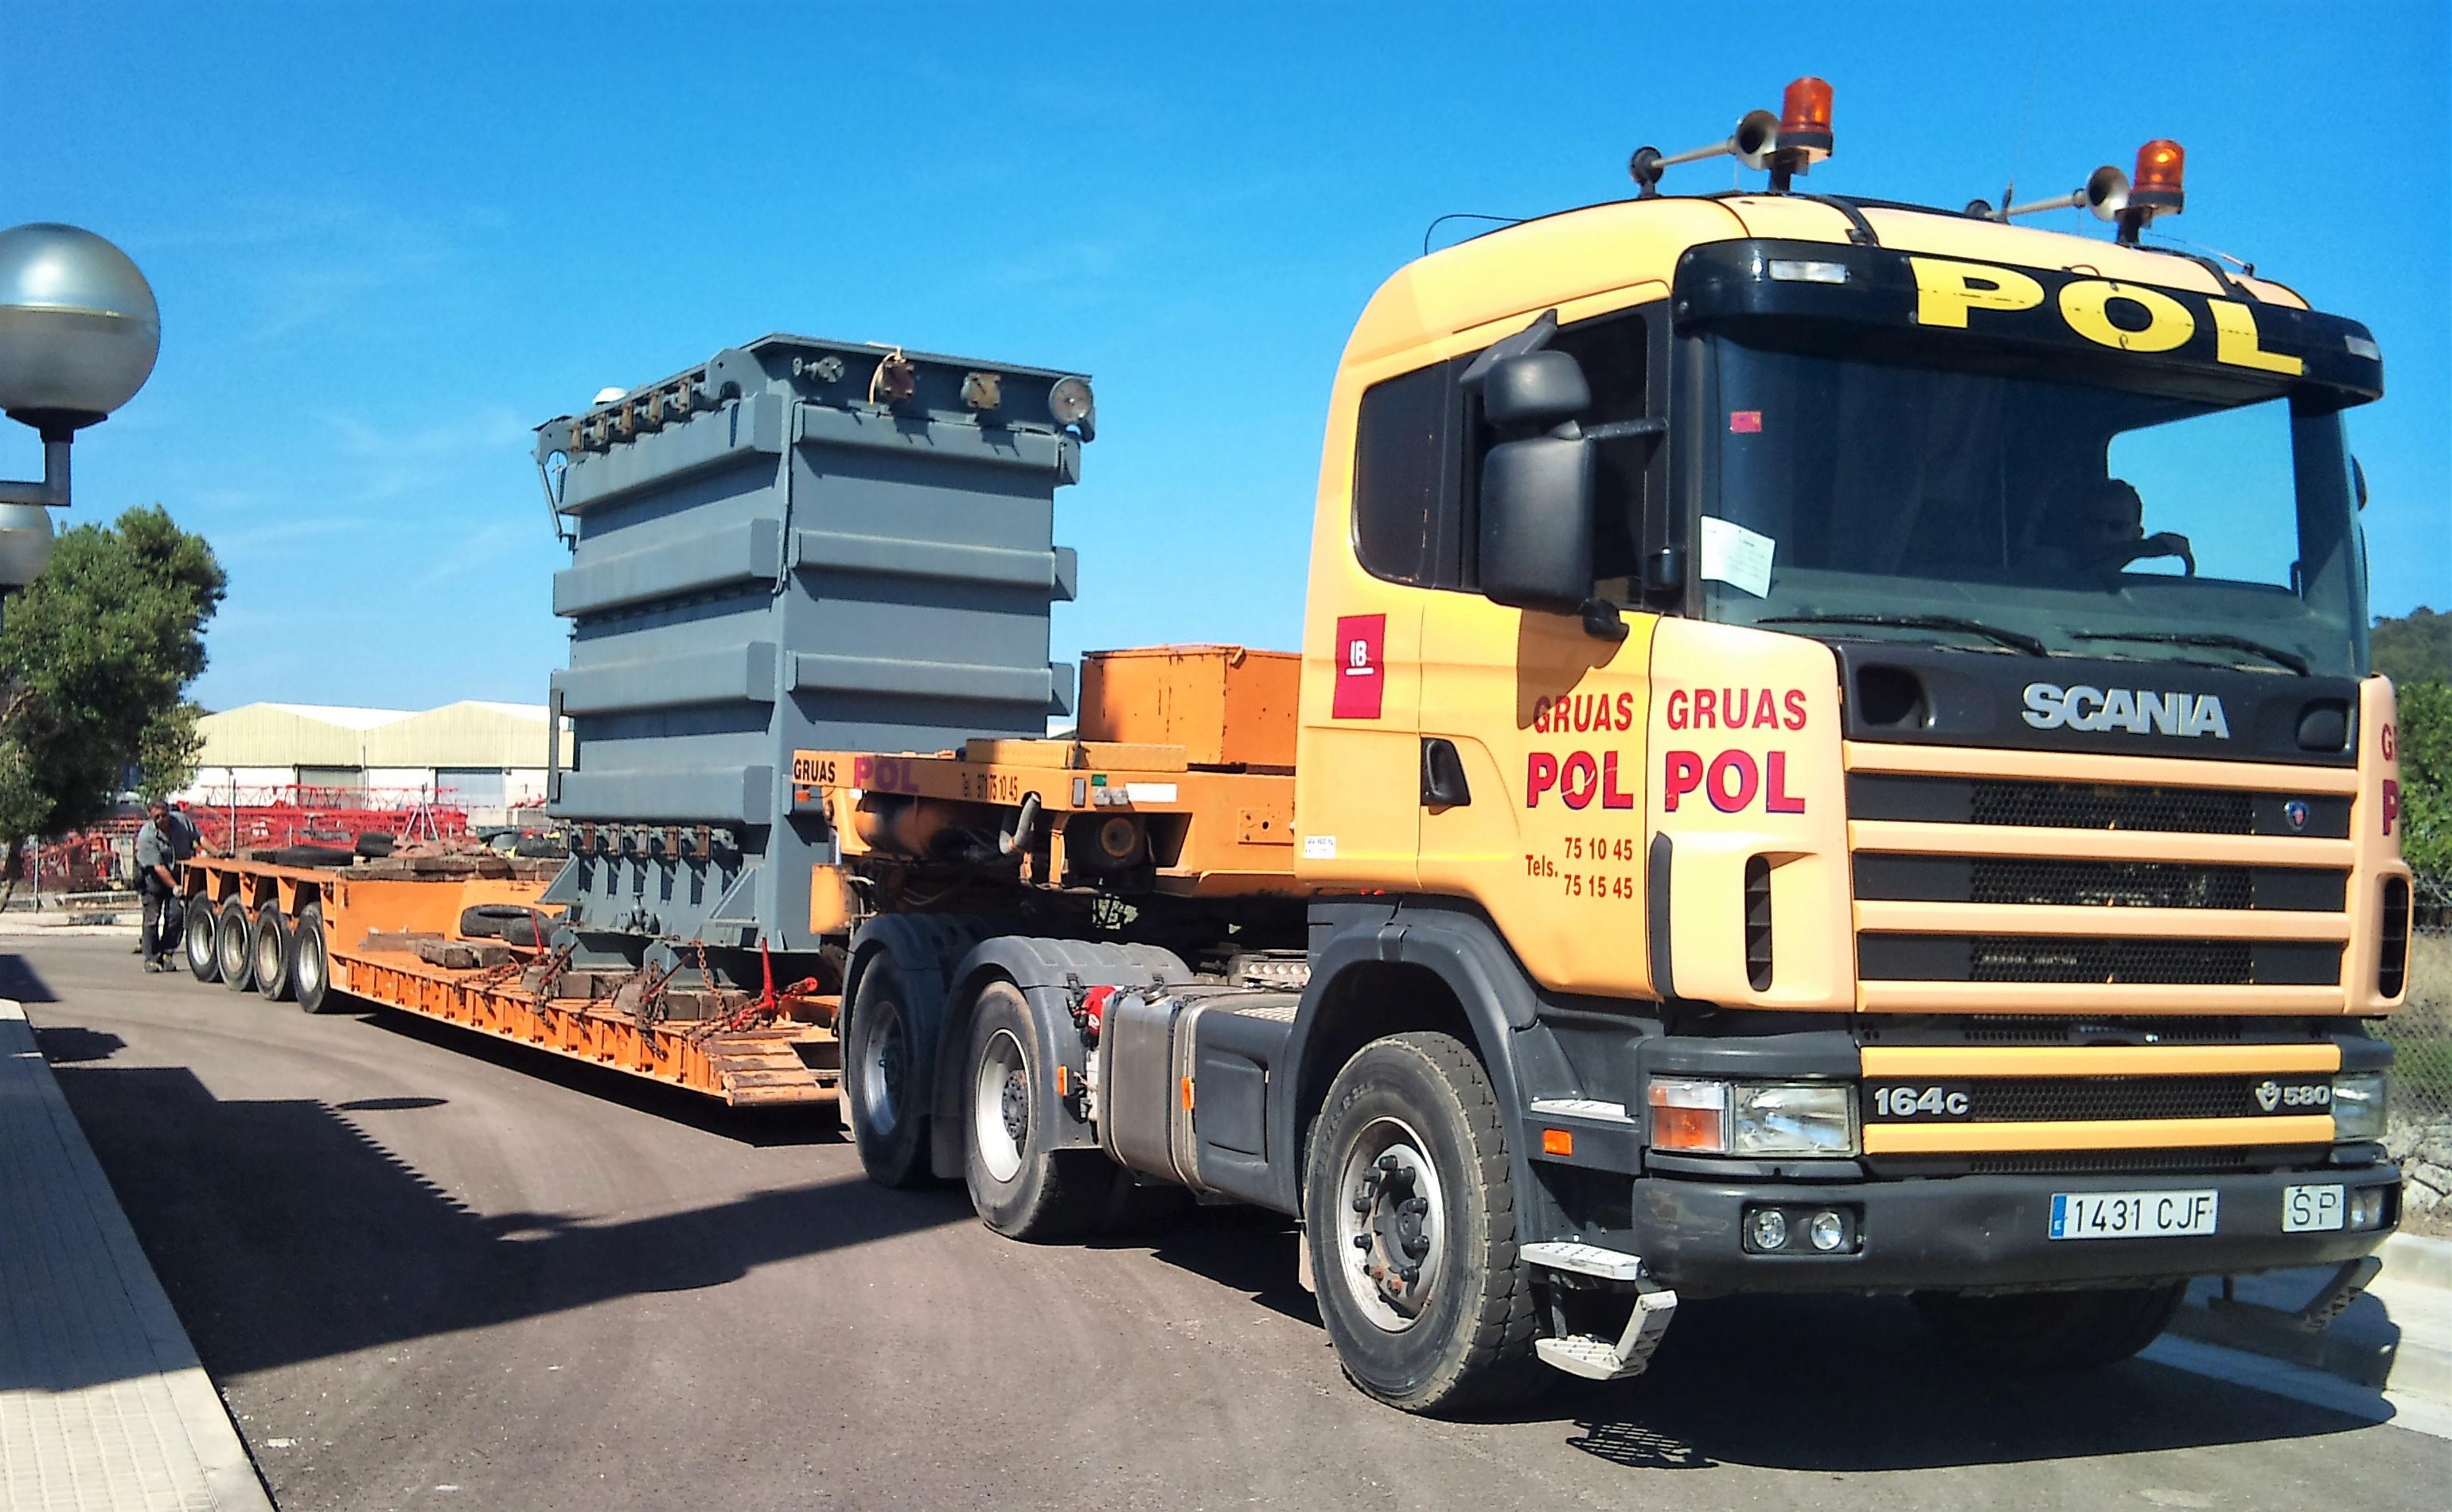 Gruas pol empresa lider en transporte y elevaci n de las - Transporte islas baleares ...